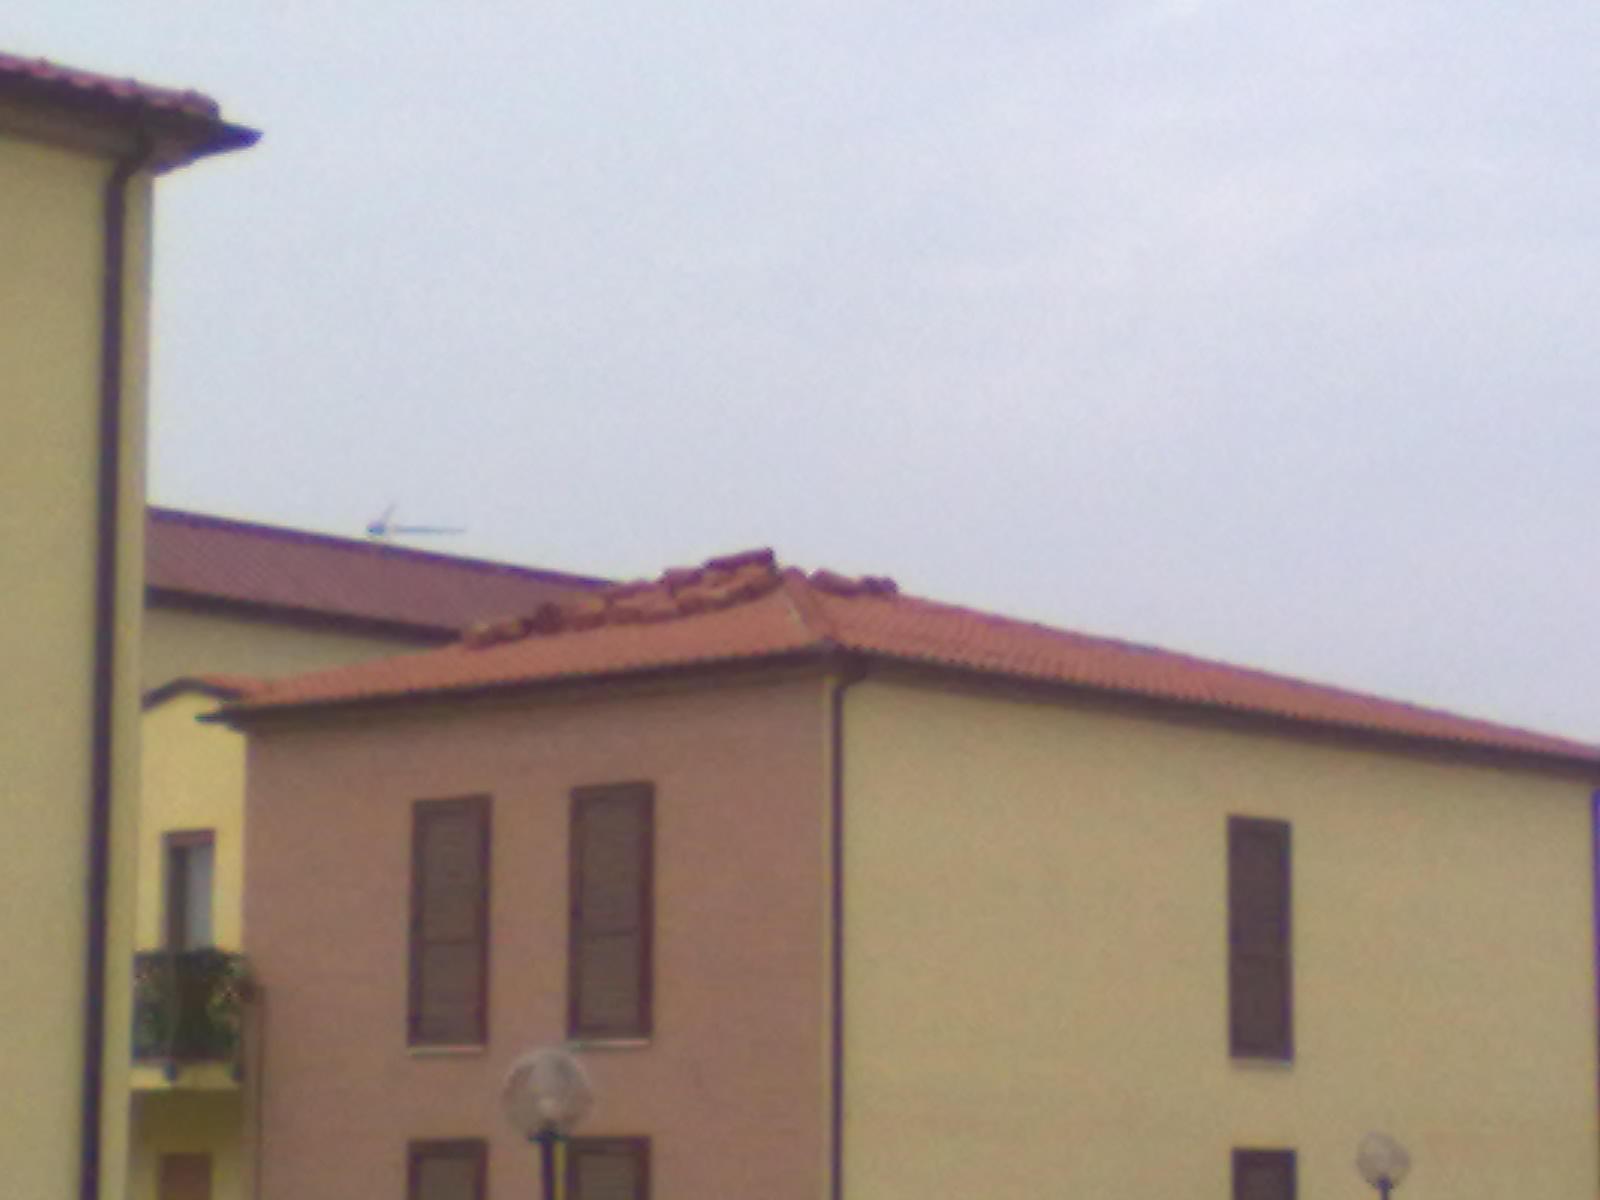 Particolare: tegole appoggiate sul tetto